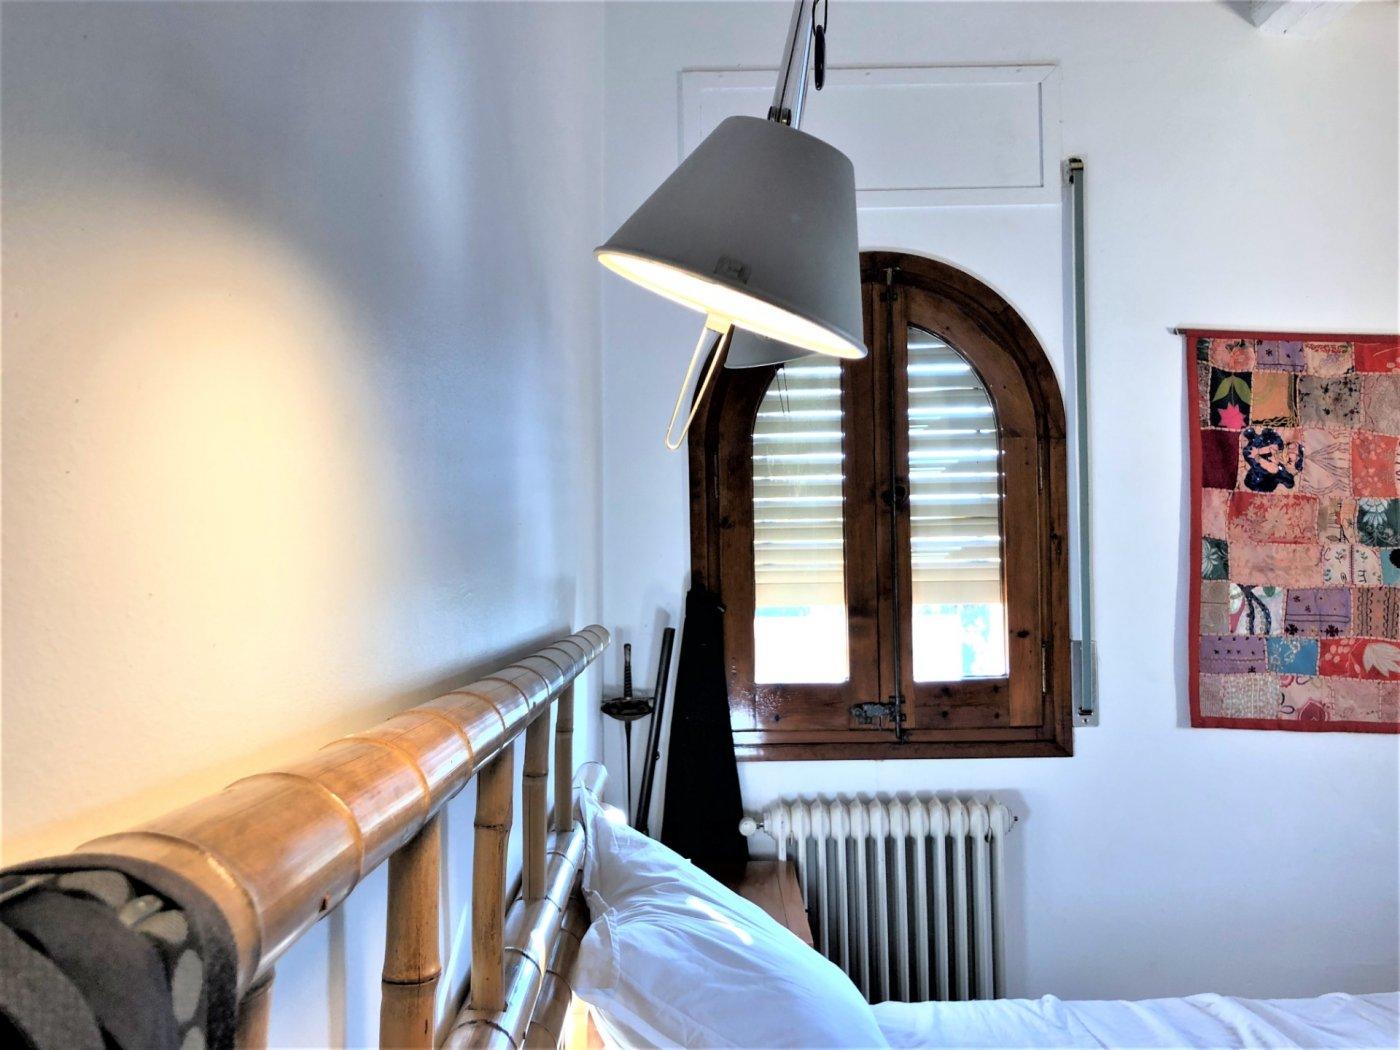 Casa en venta en montblanc - imagenInmueble26